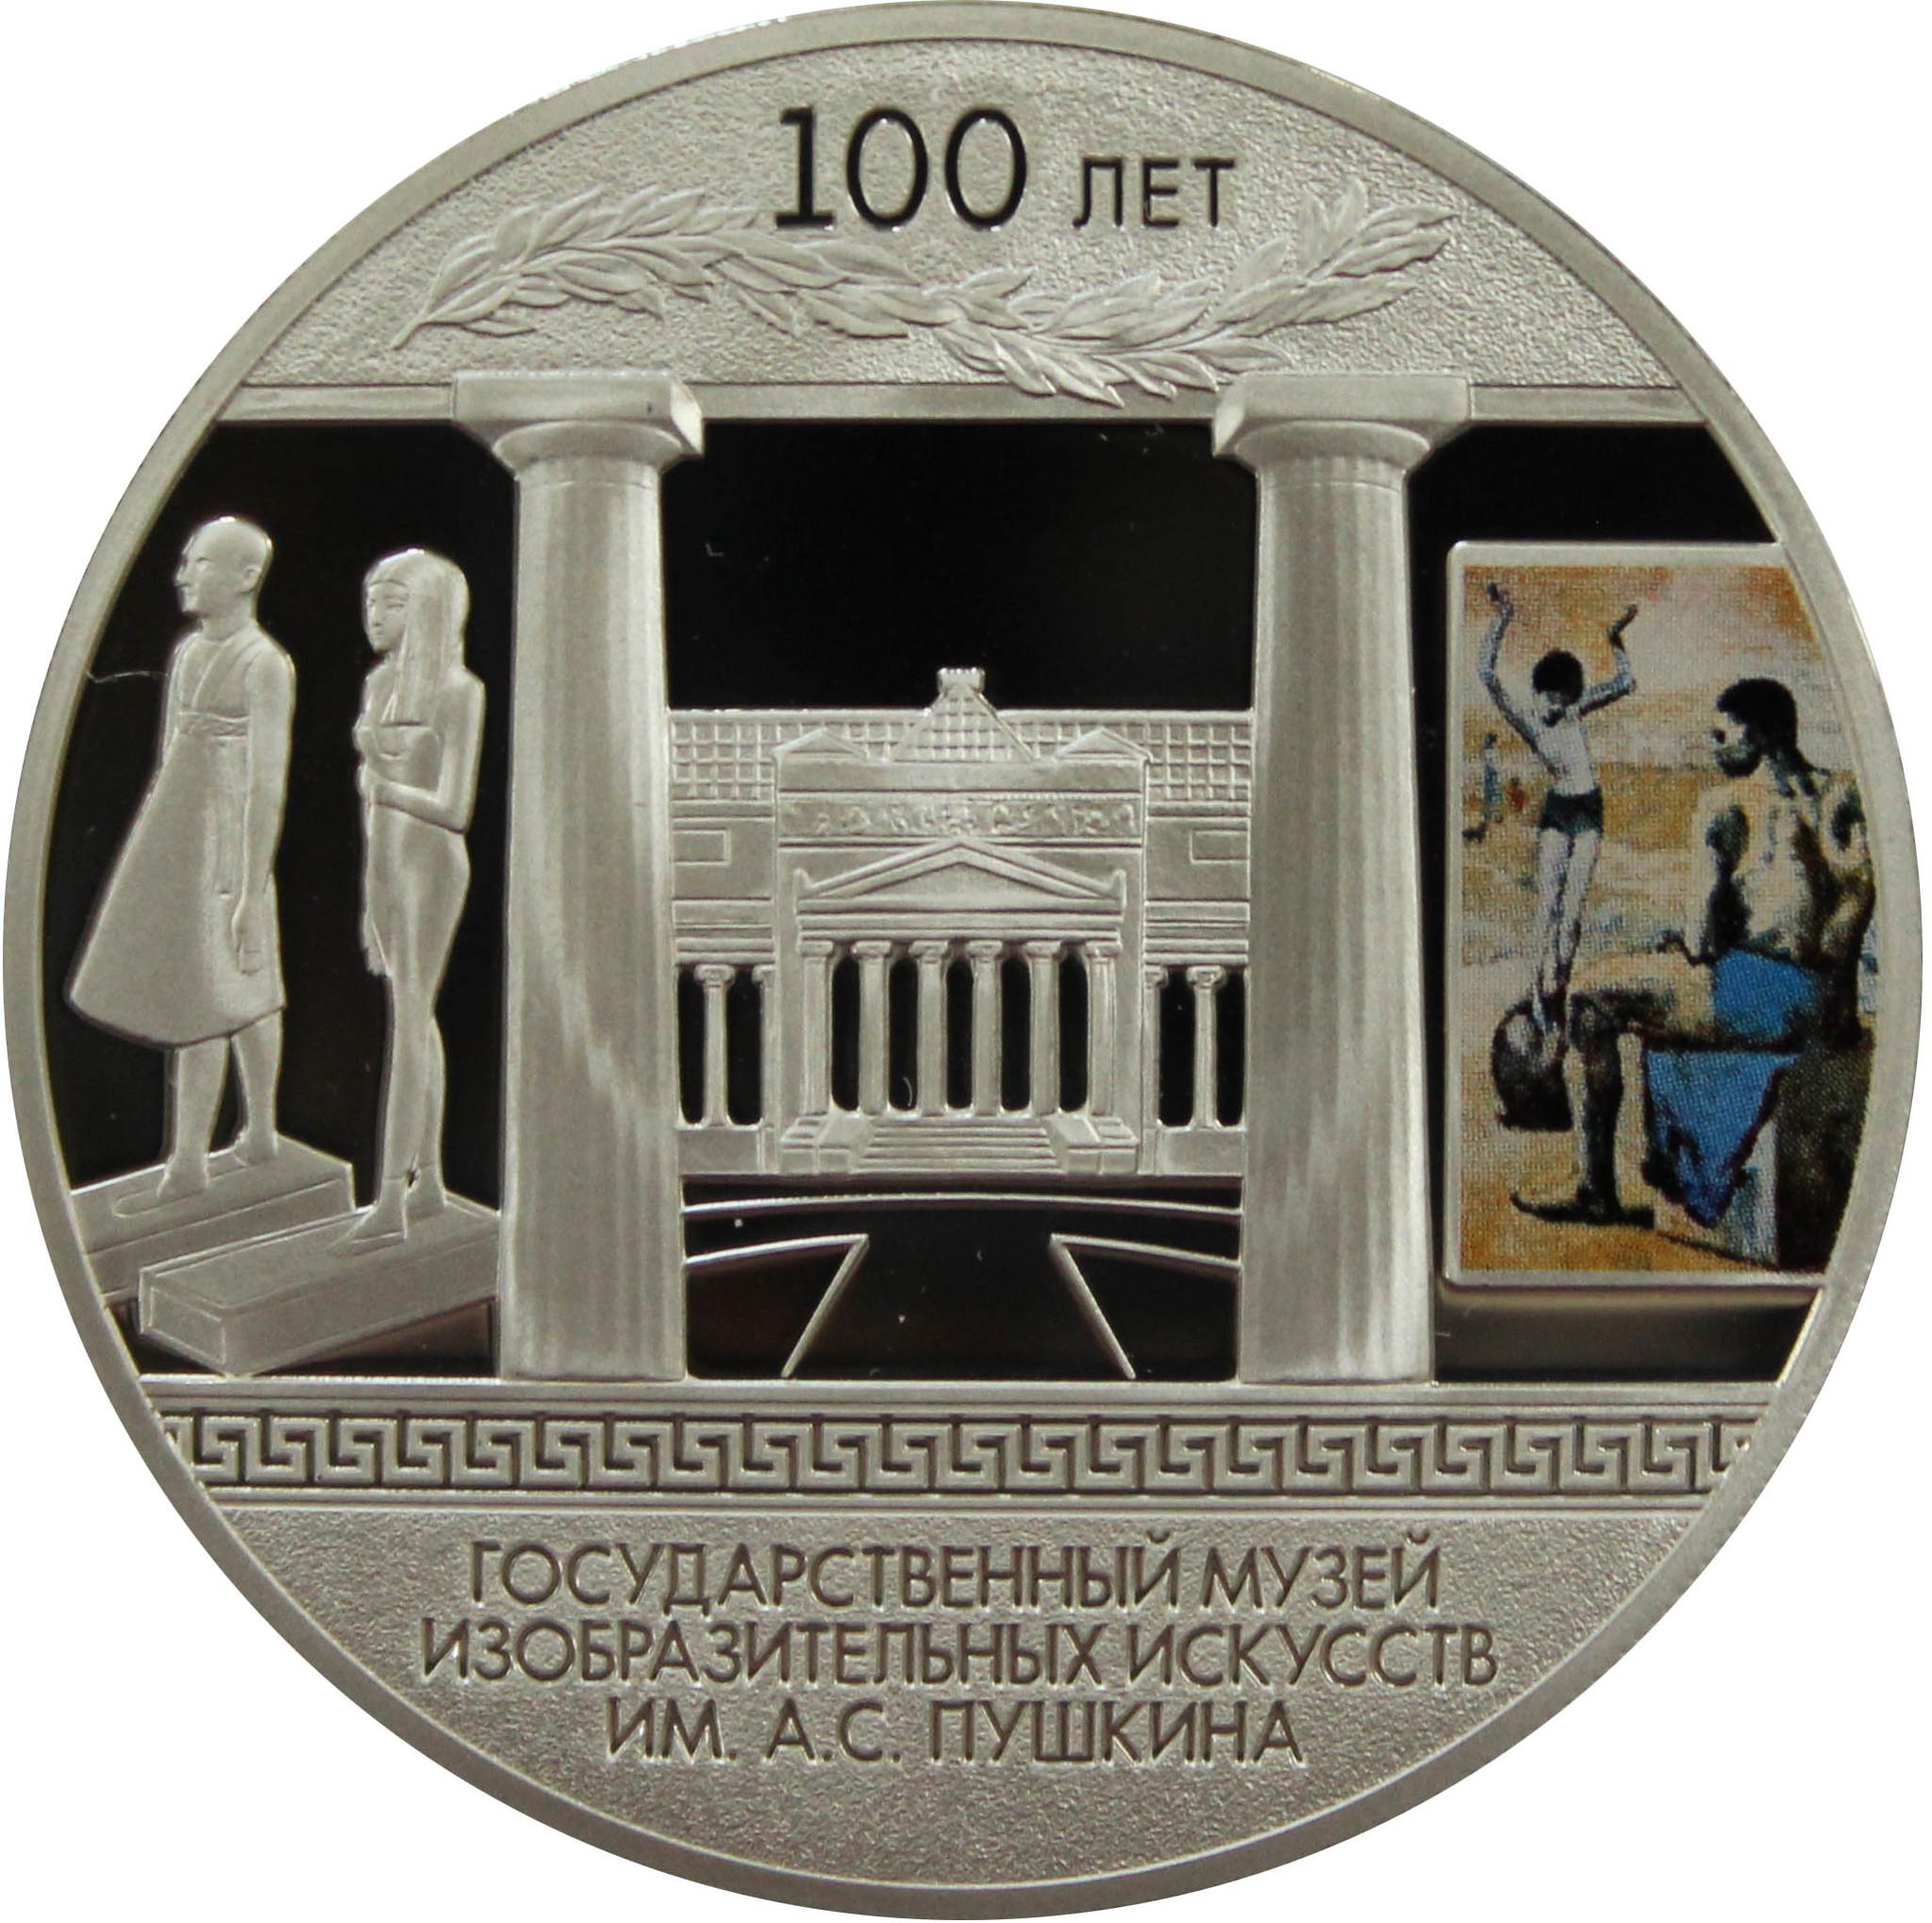 3 рубля 100-летие музея им. А. С. Пушкина в Москве 2012 г. Proof